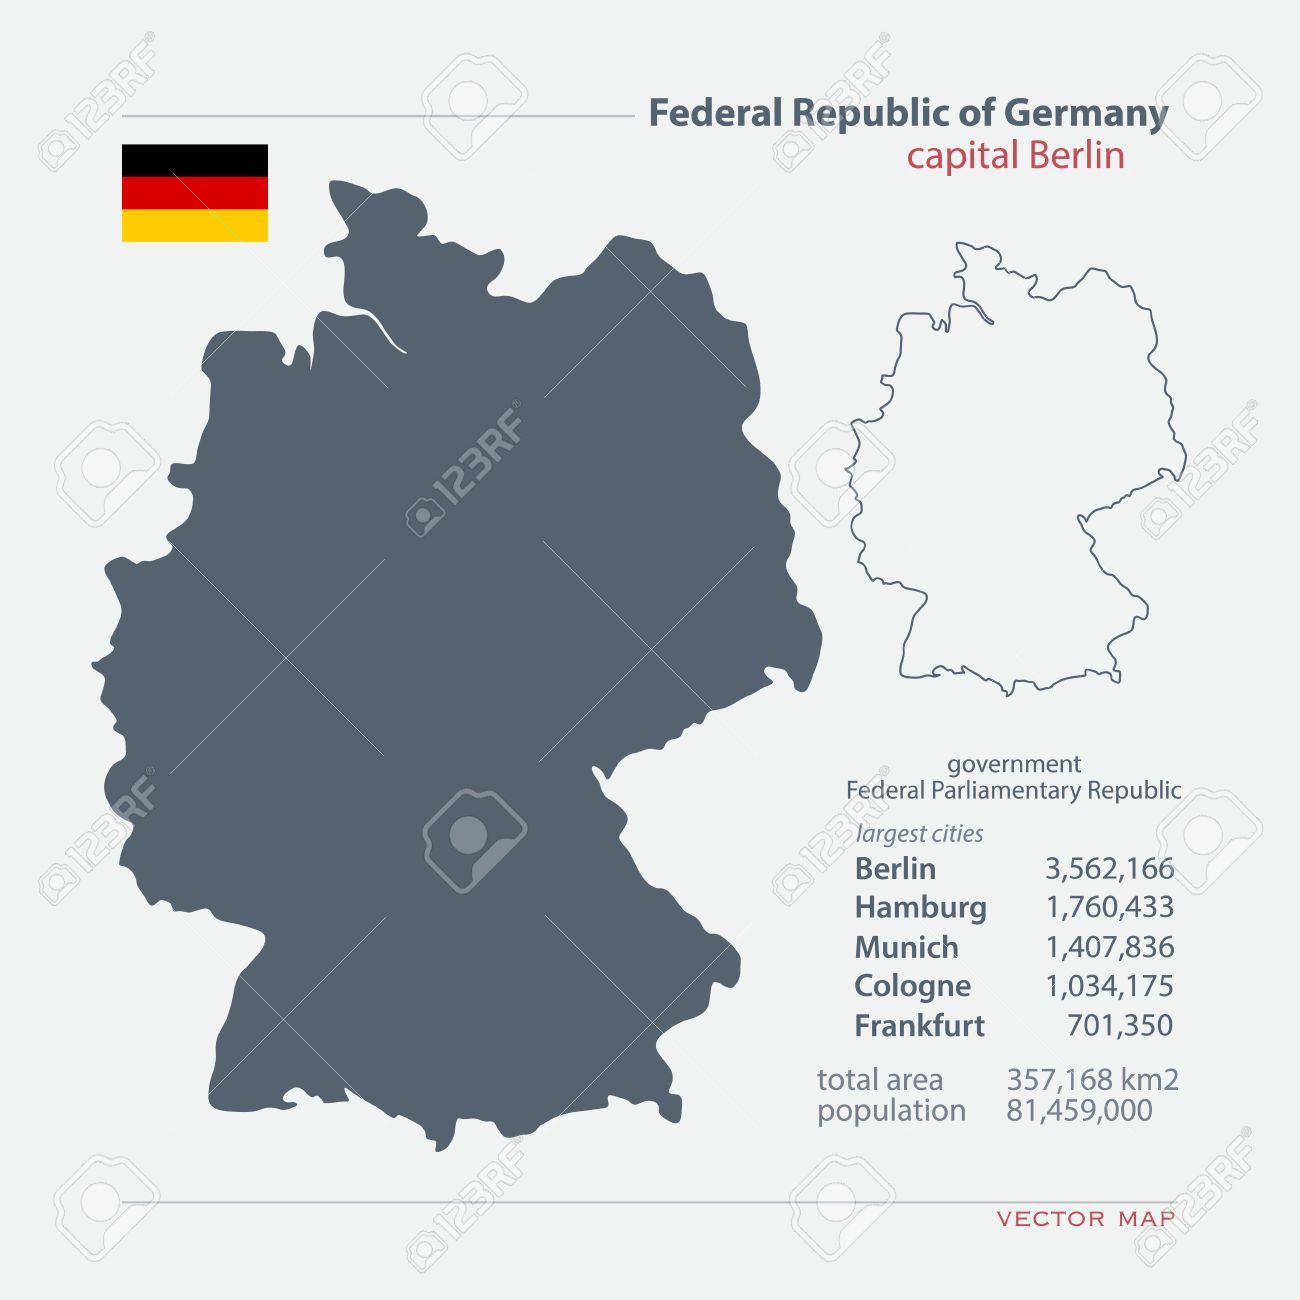 Carte Total Allemagne.Republique Federale D Allemagne Isole Cartes Et Icone Officielle Du Pavillon Allemand Carte Politique Icones Avec Des Informations Generales Etat